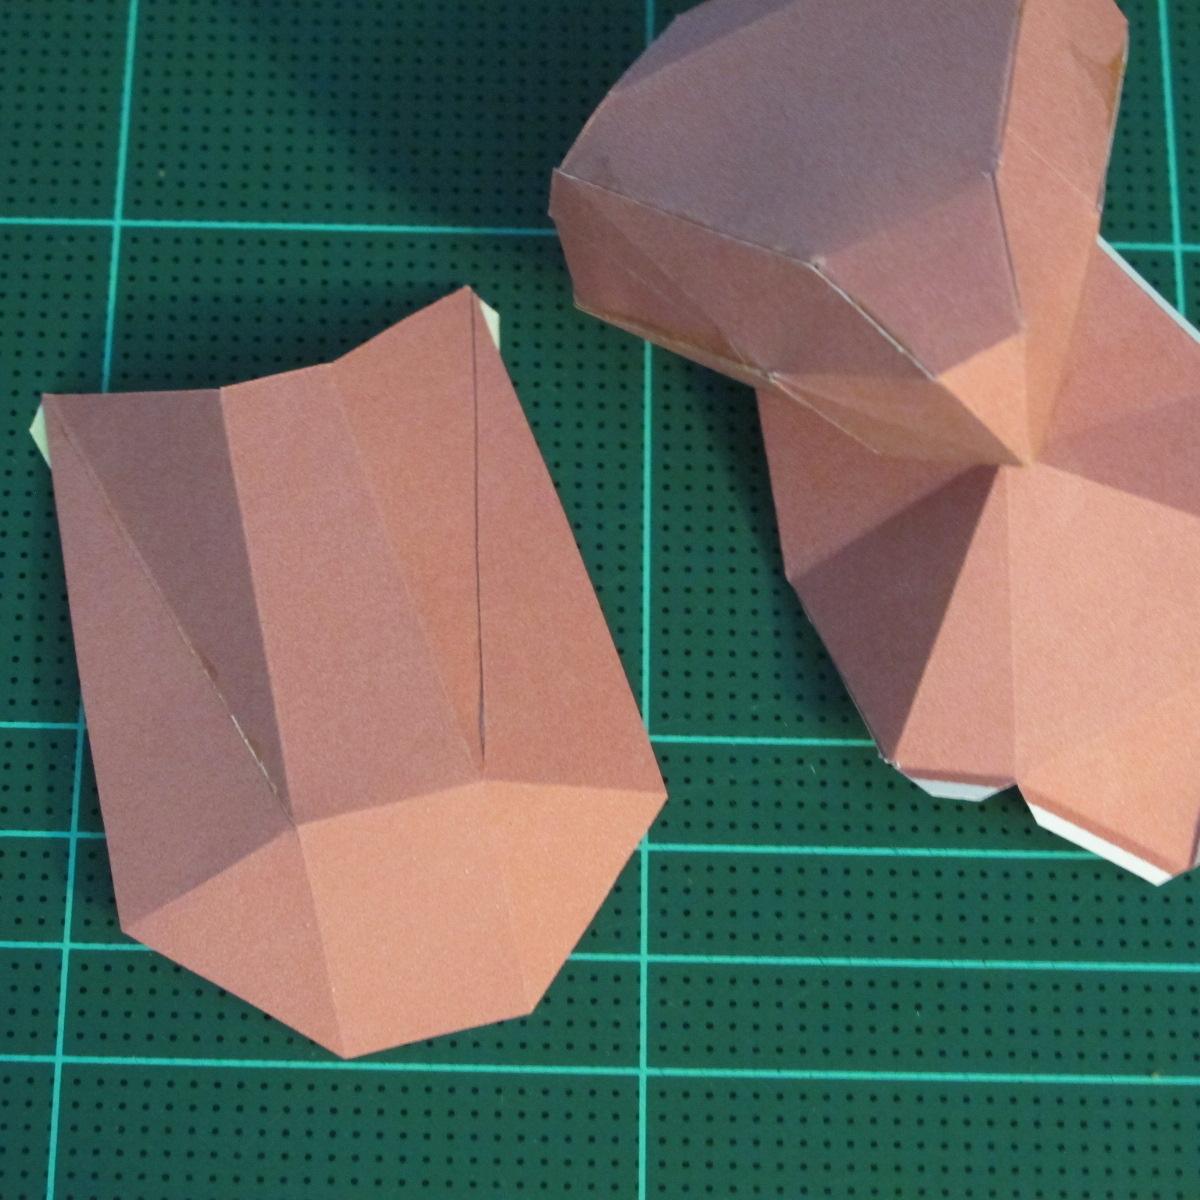 วิธีทำโมเดลกระดาษเรขาคณิตรูปกระต่าย (Rabbit Geometric Papercraft Model) 017